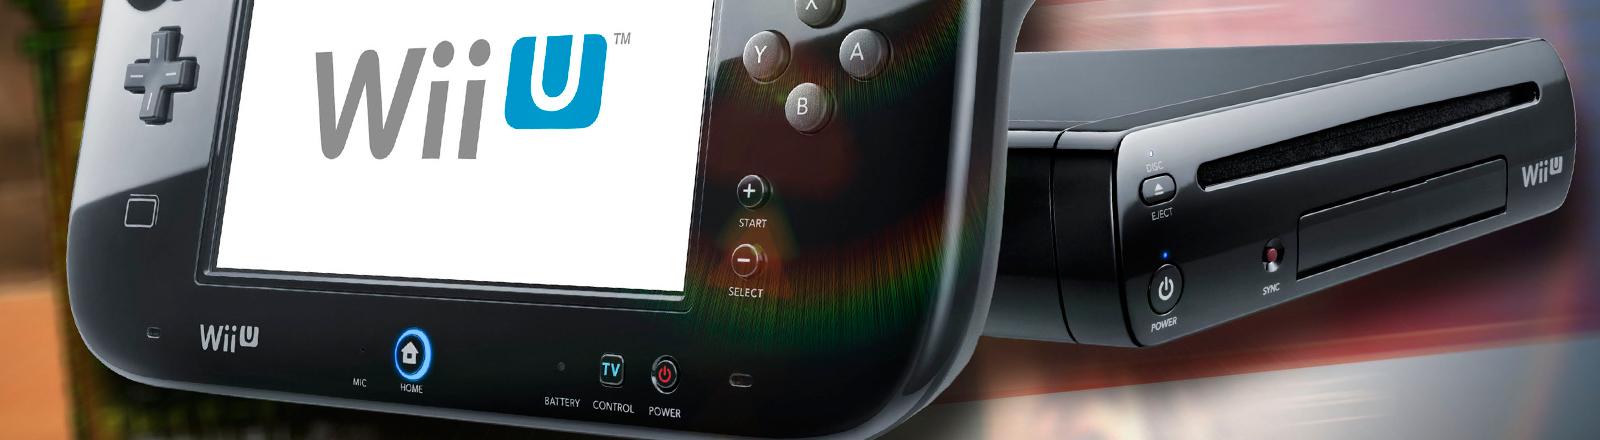 Die Videospielkonsole WiiU.